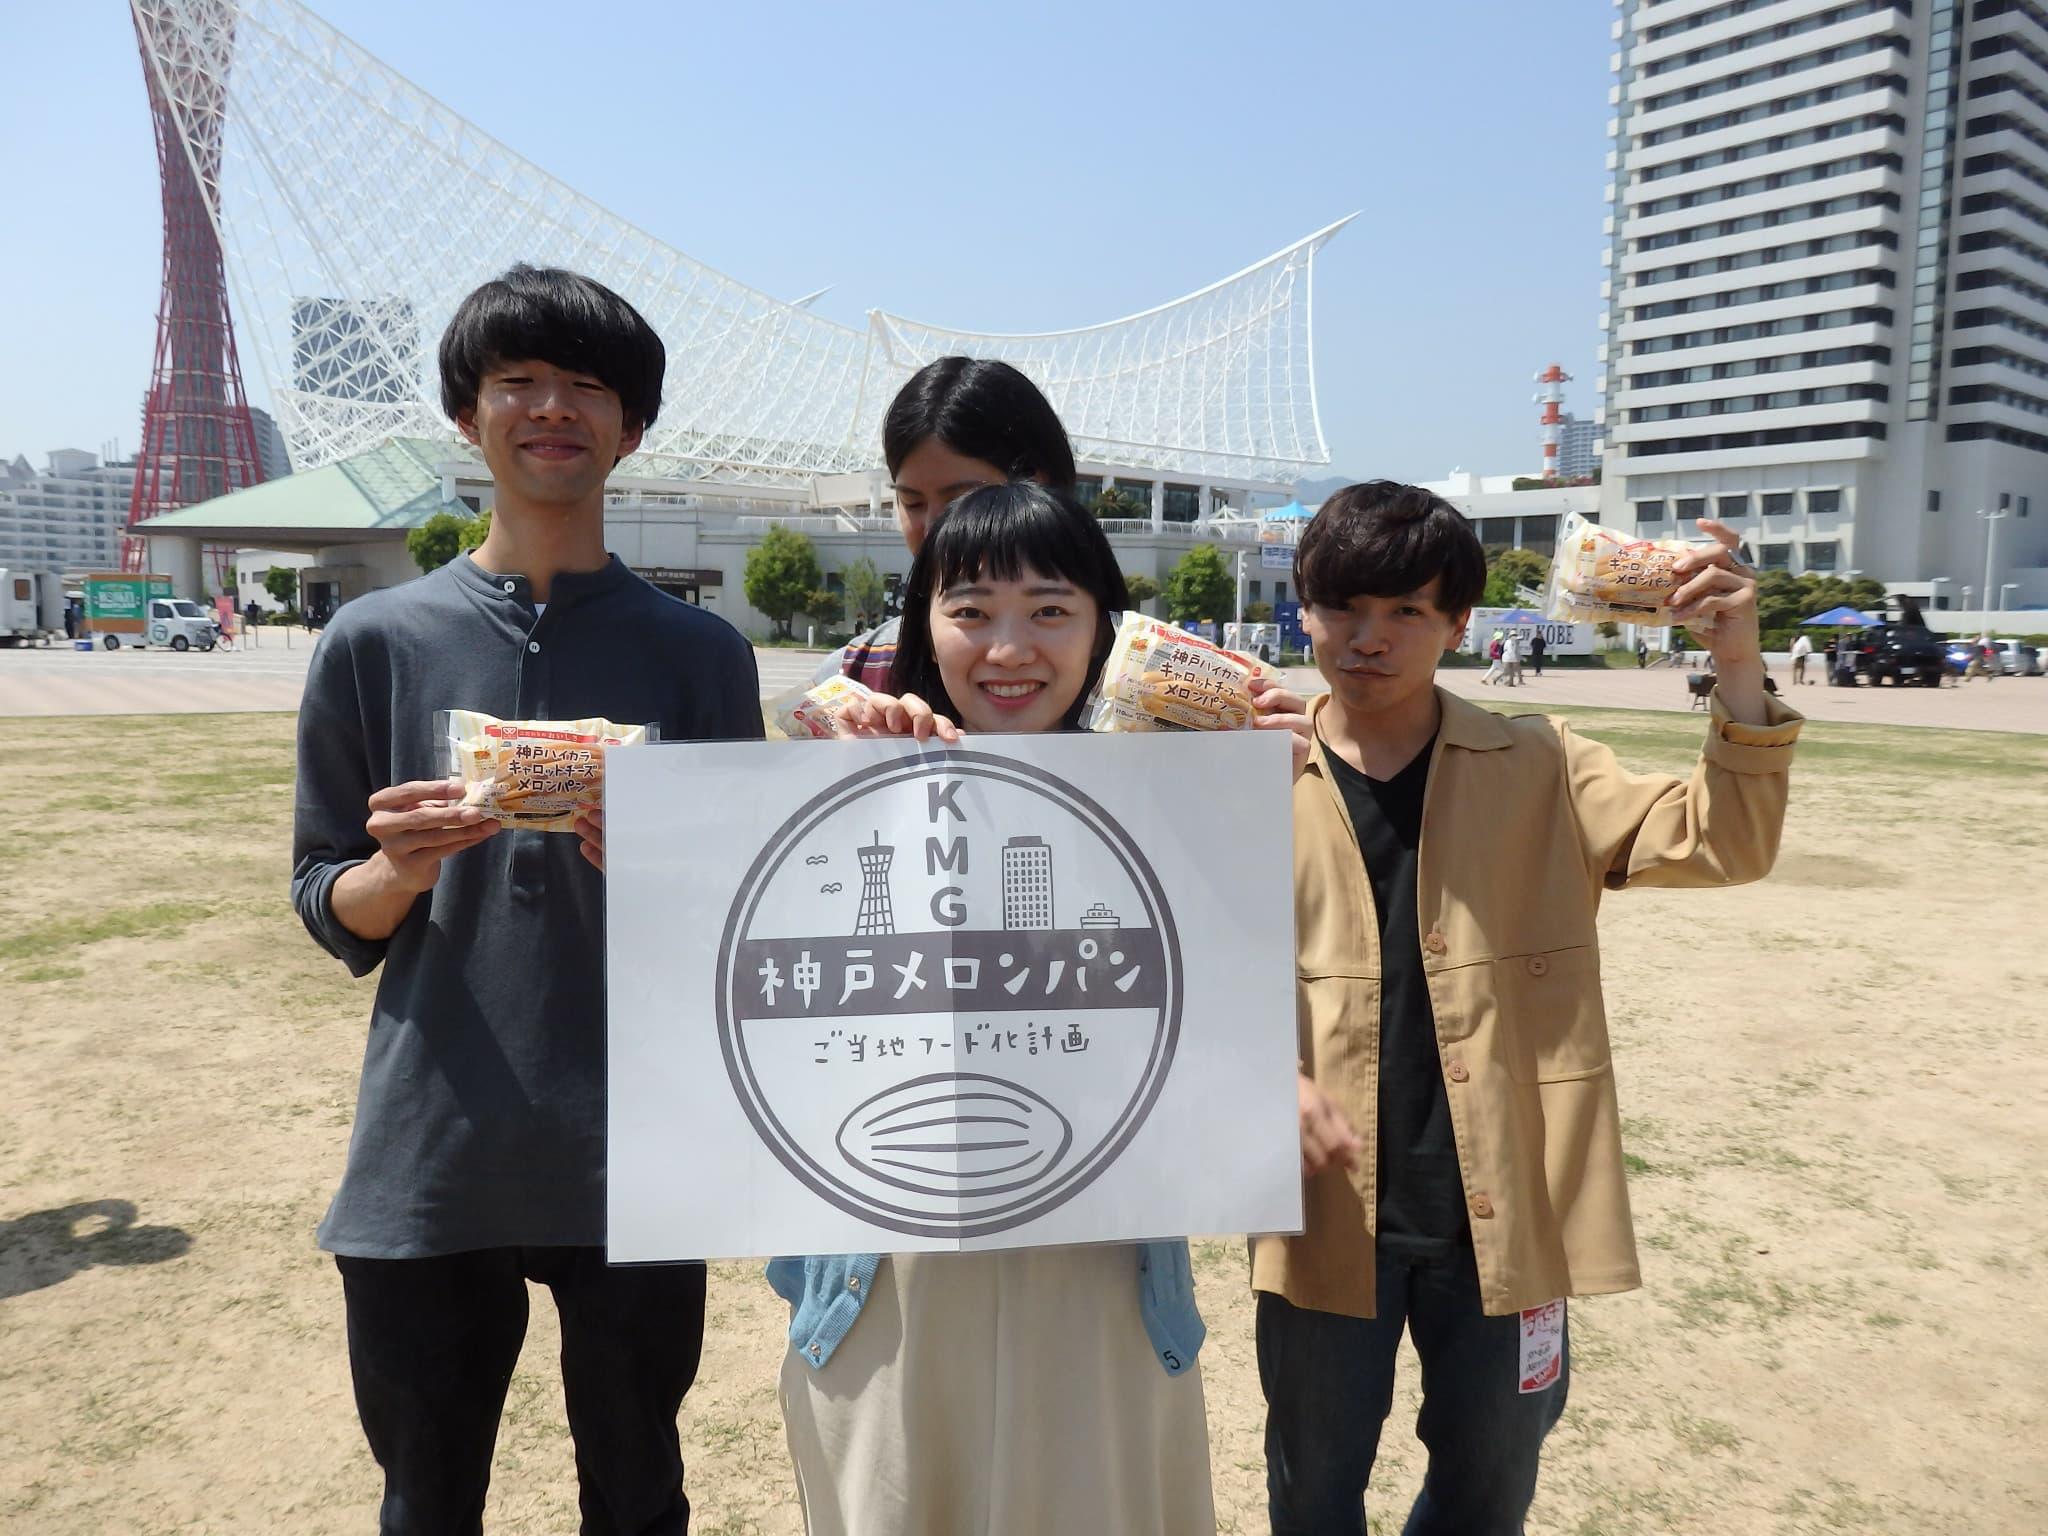 078kobe(KMG)小寺さん (9).jpg